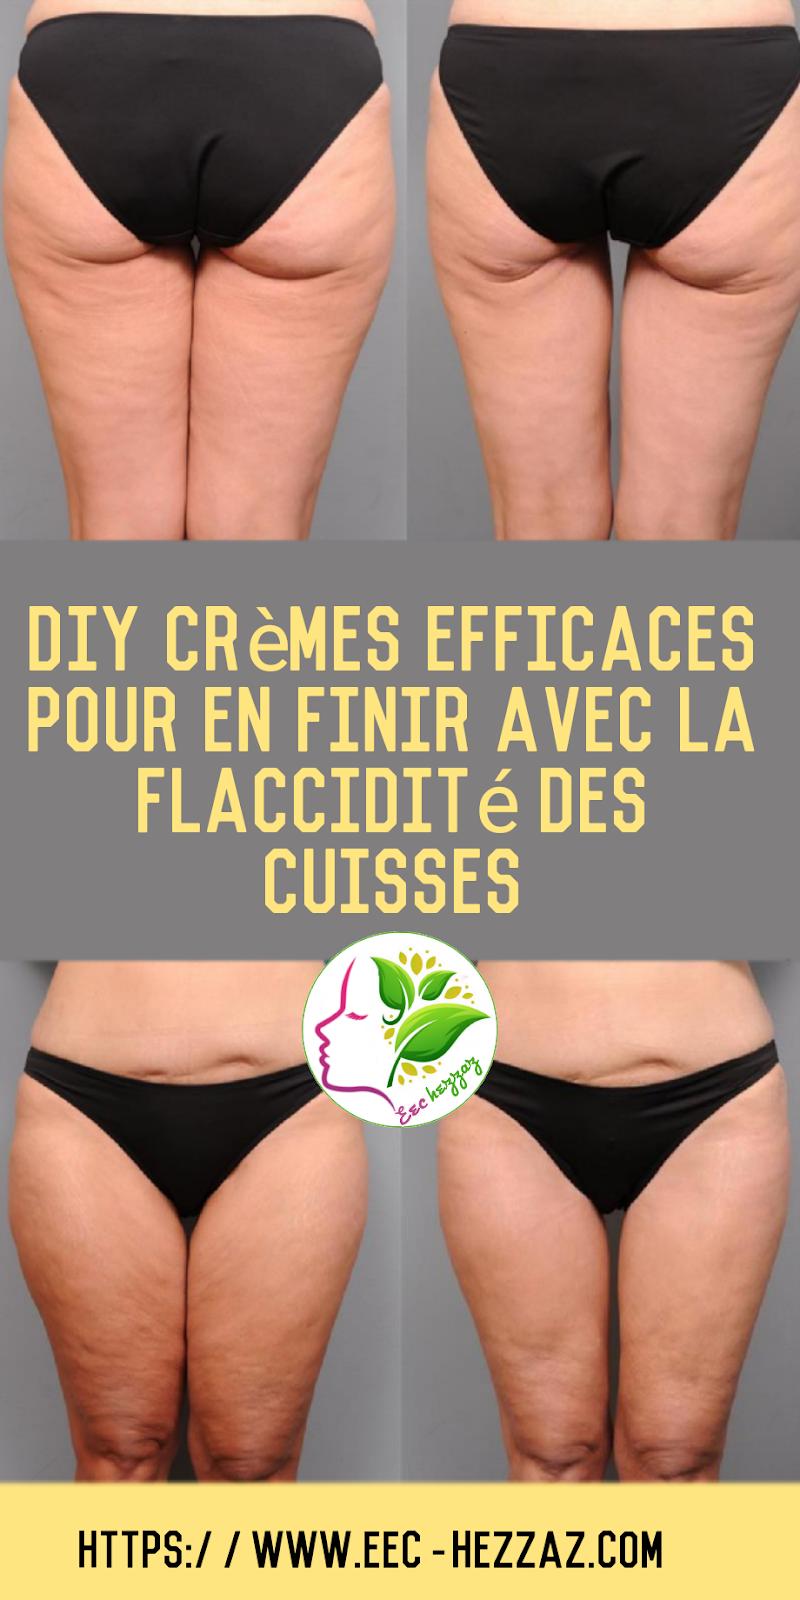 DIY crèmes efficaces pour en finir avec la flaccidité des cuisses